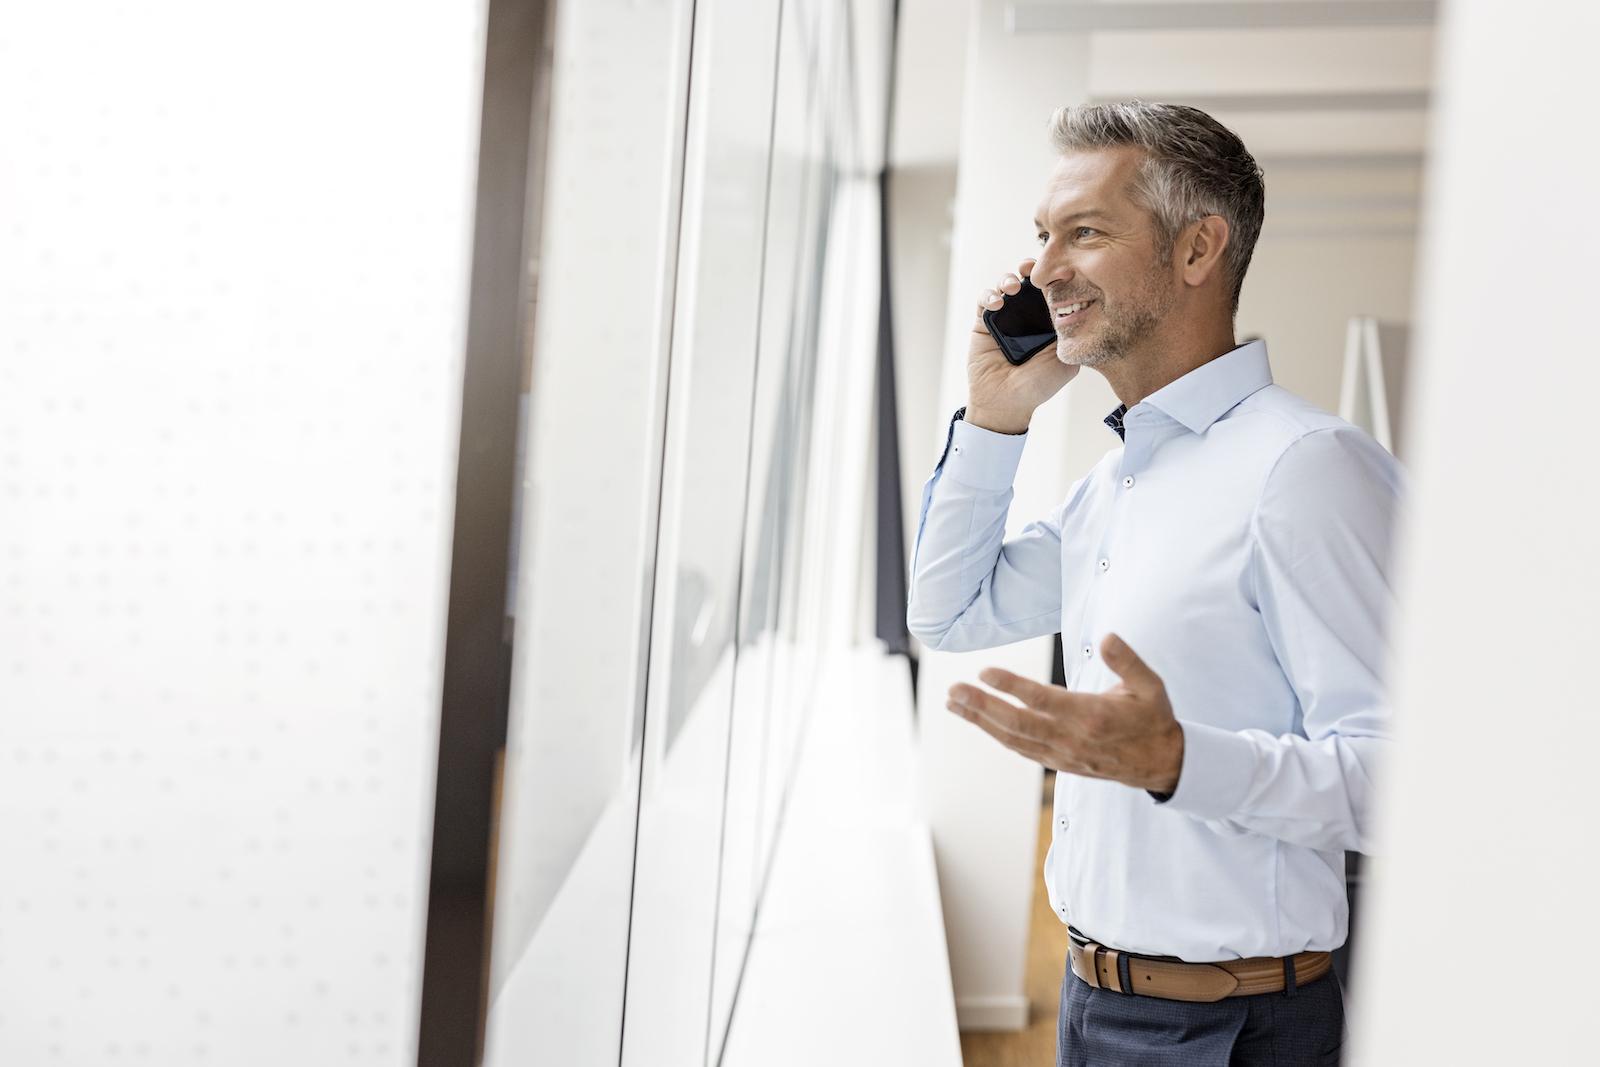 männliche Führungskraft im Büro am Fenster mit Handy